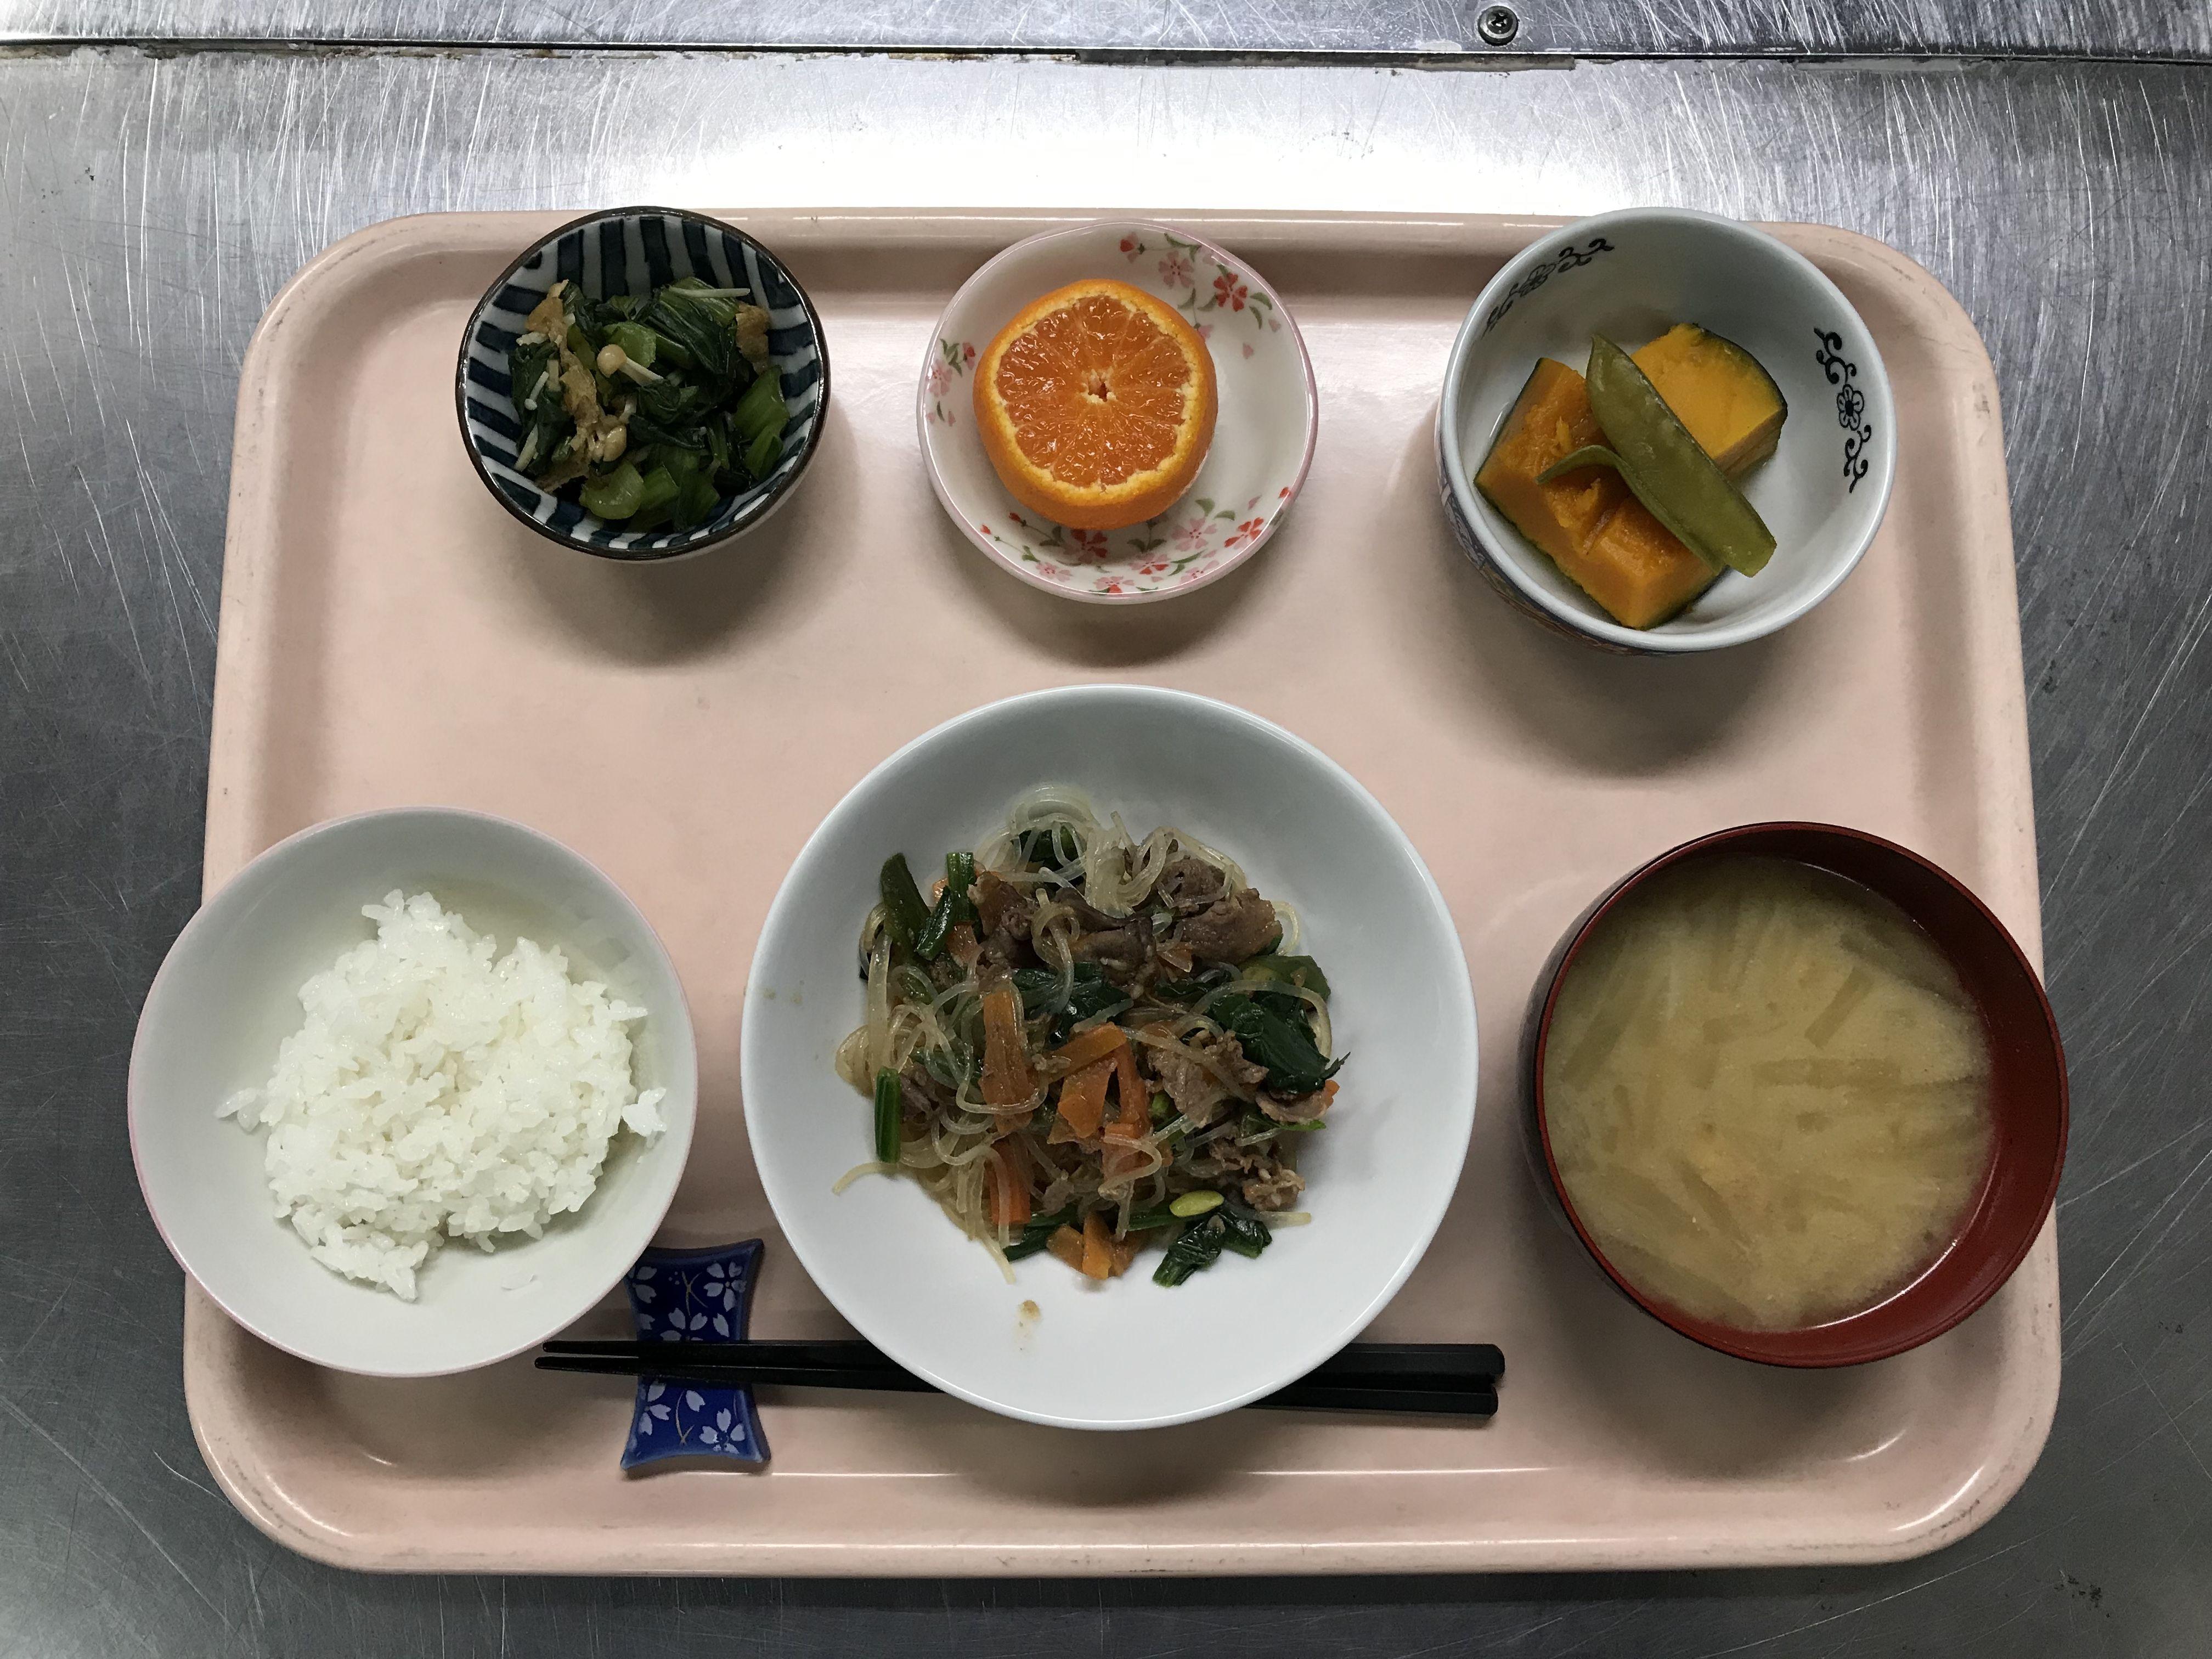 12月10日。韓国風春雨炒め物、かぼちゃの煮物、小松菜とえのきの和え物、大根の味噌汁、みかんでした!韓国風春雨炒め物が特に美味しかったです!635カロリーです